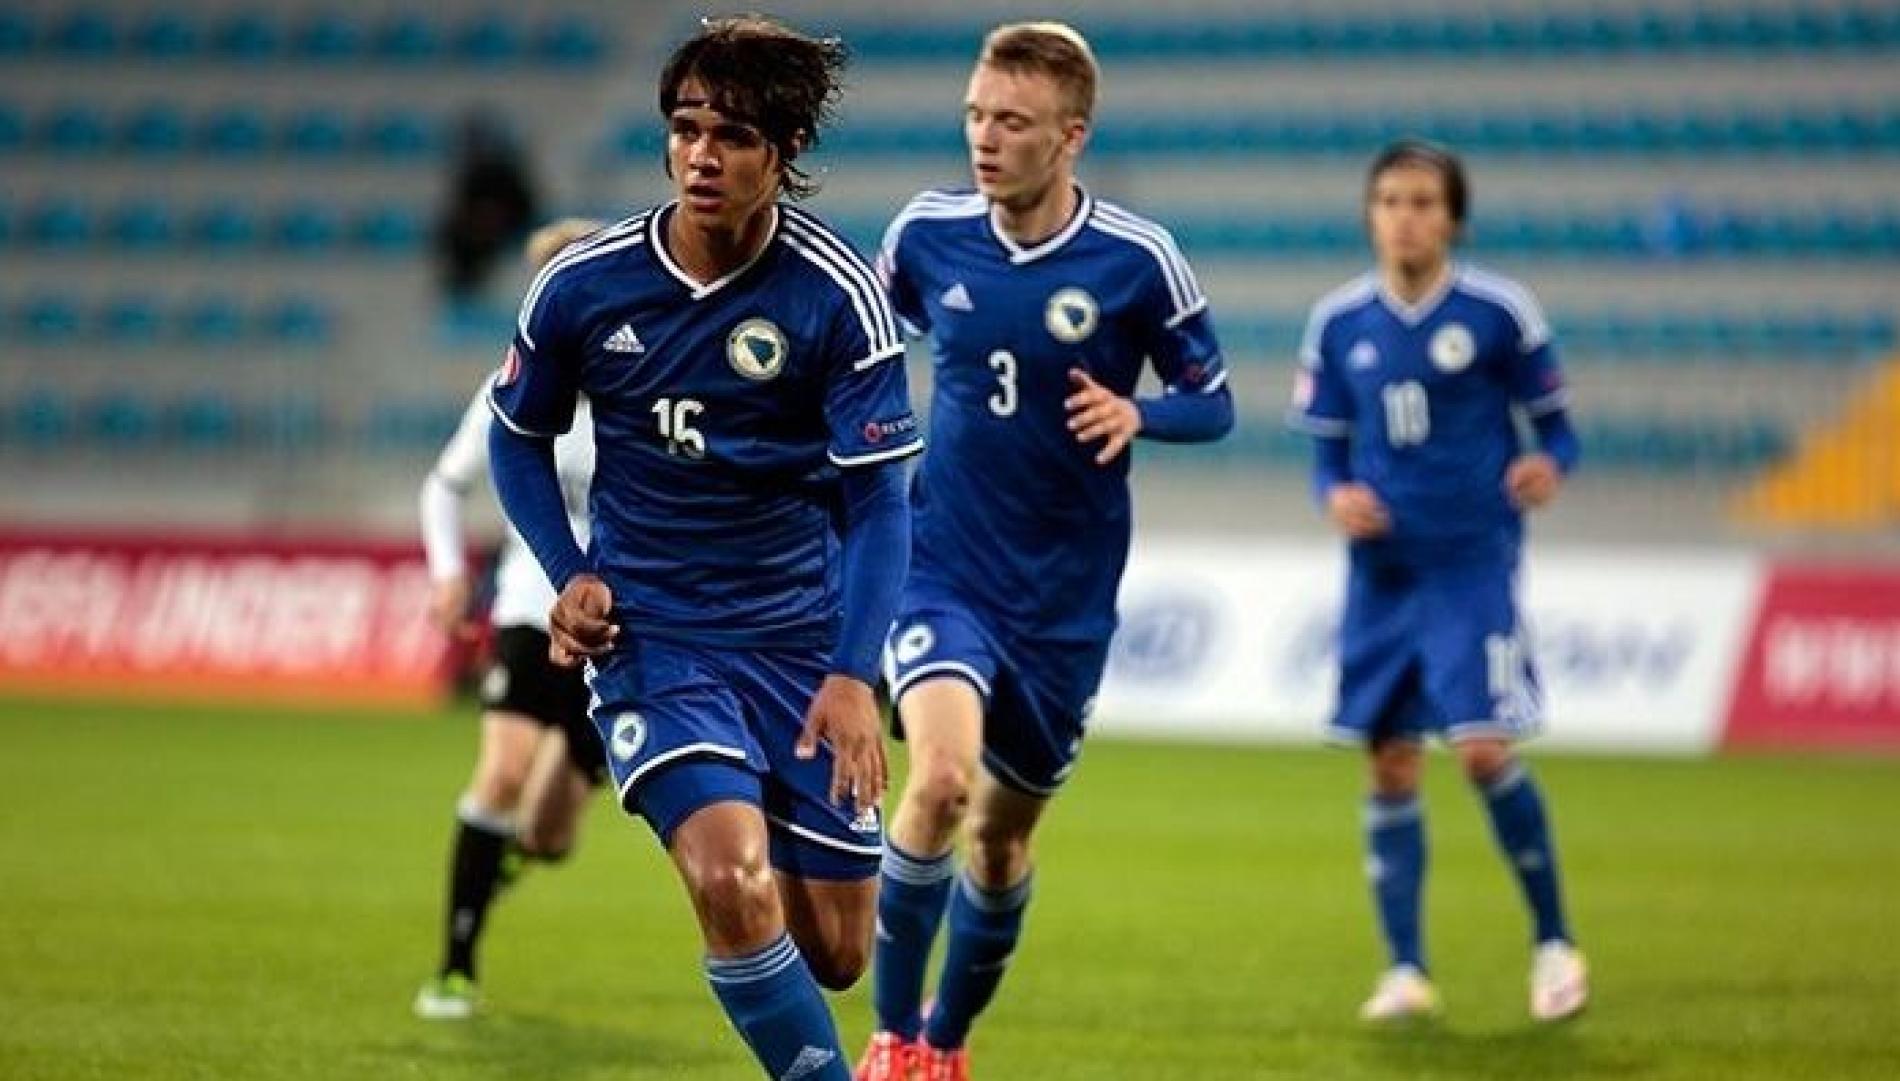 Rijad Sadiku, kapiten kadetske selekcije: Pitaju da li bih igrao za reprezentacije Kosova ili Albanije, ali uvijek im isto odgovorim